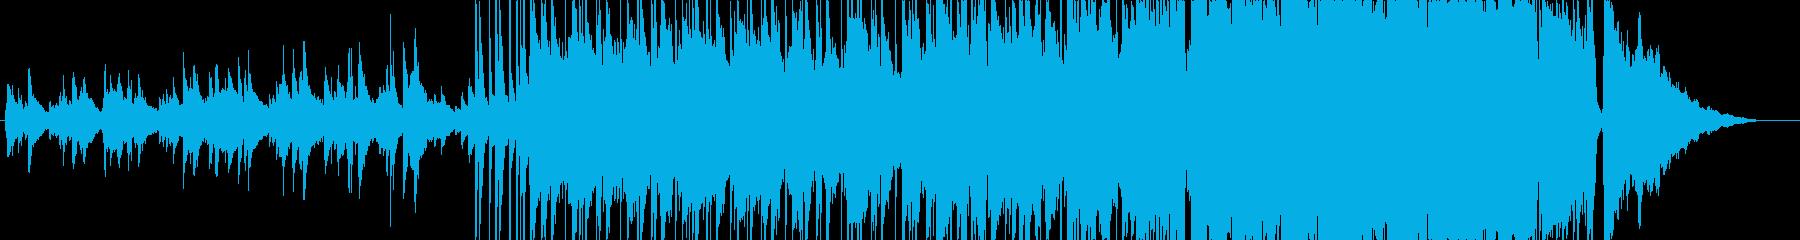 始まりを予感させるポップインストの再生済みの波形